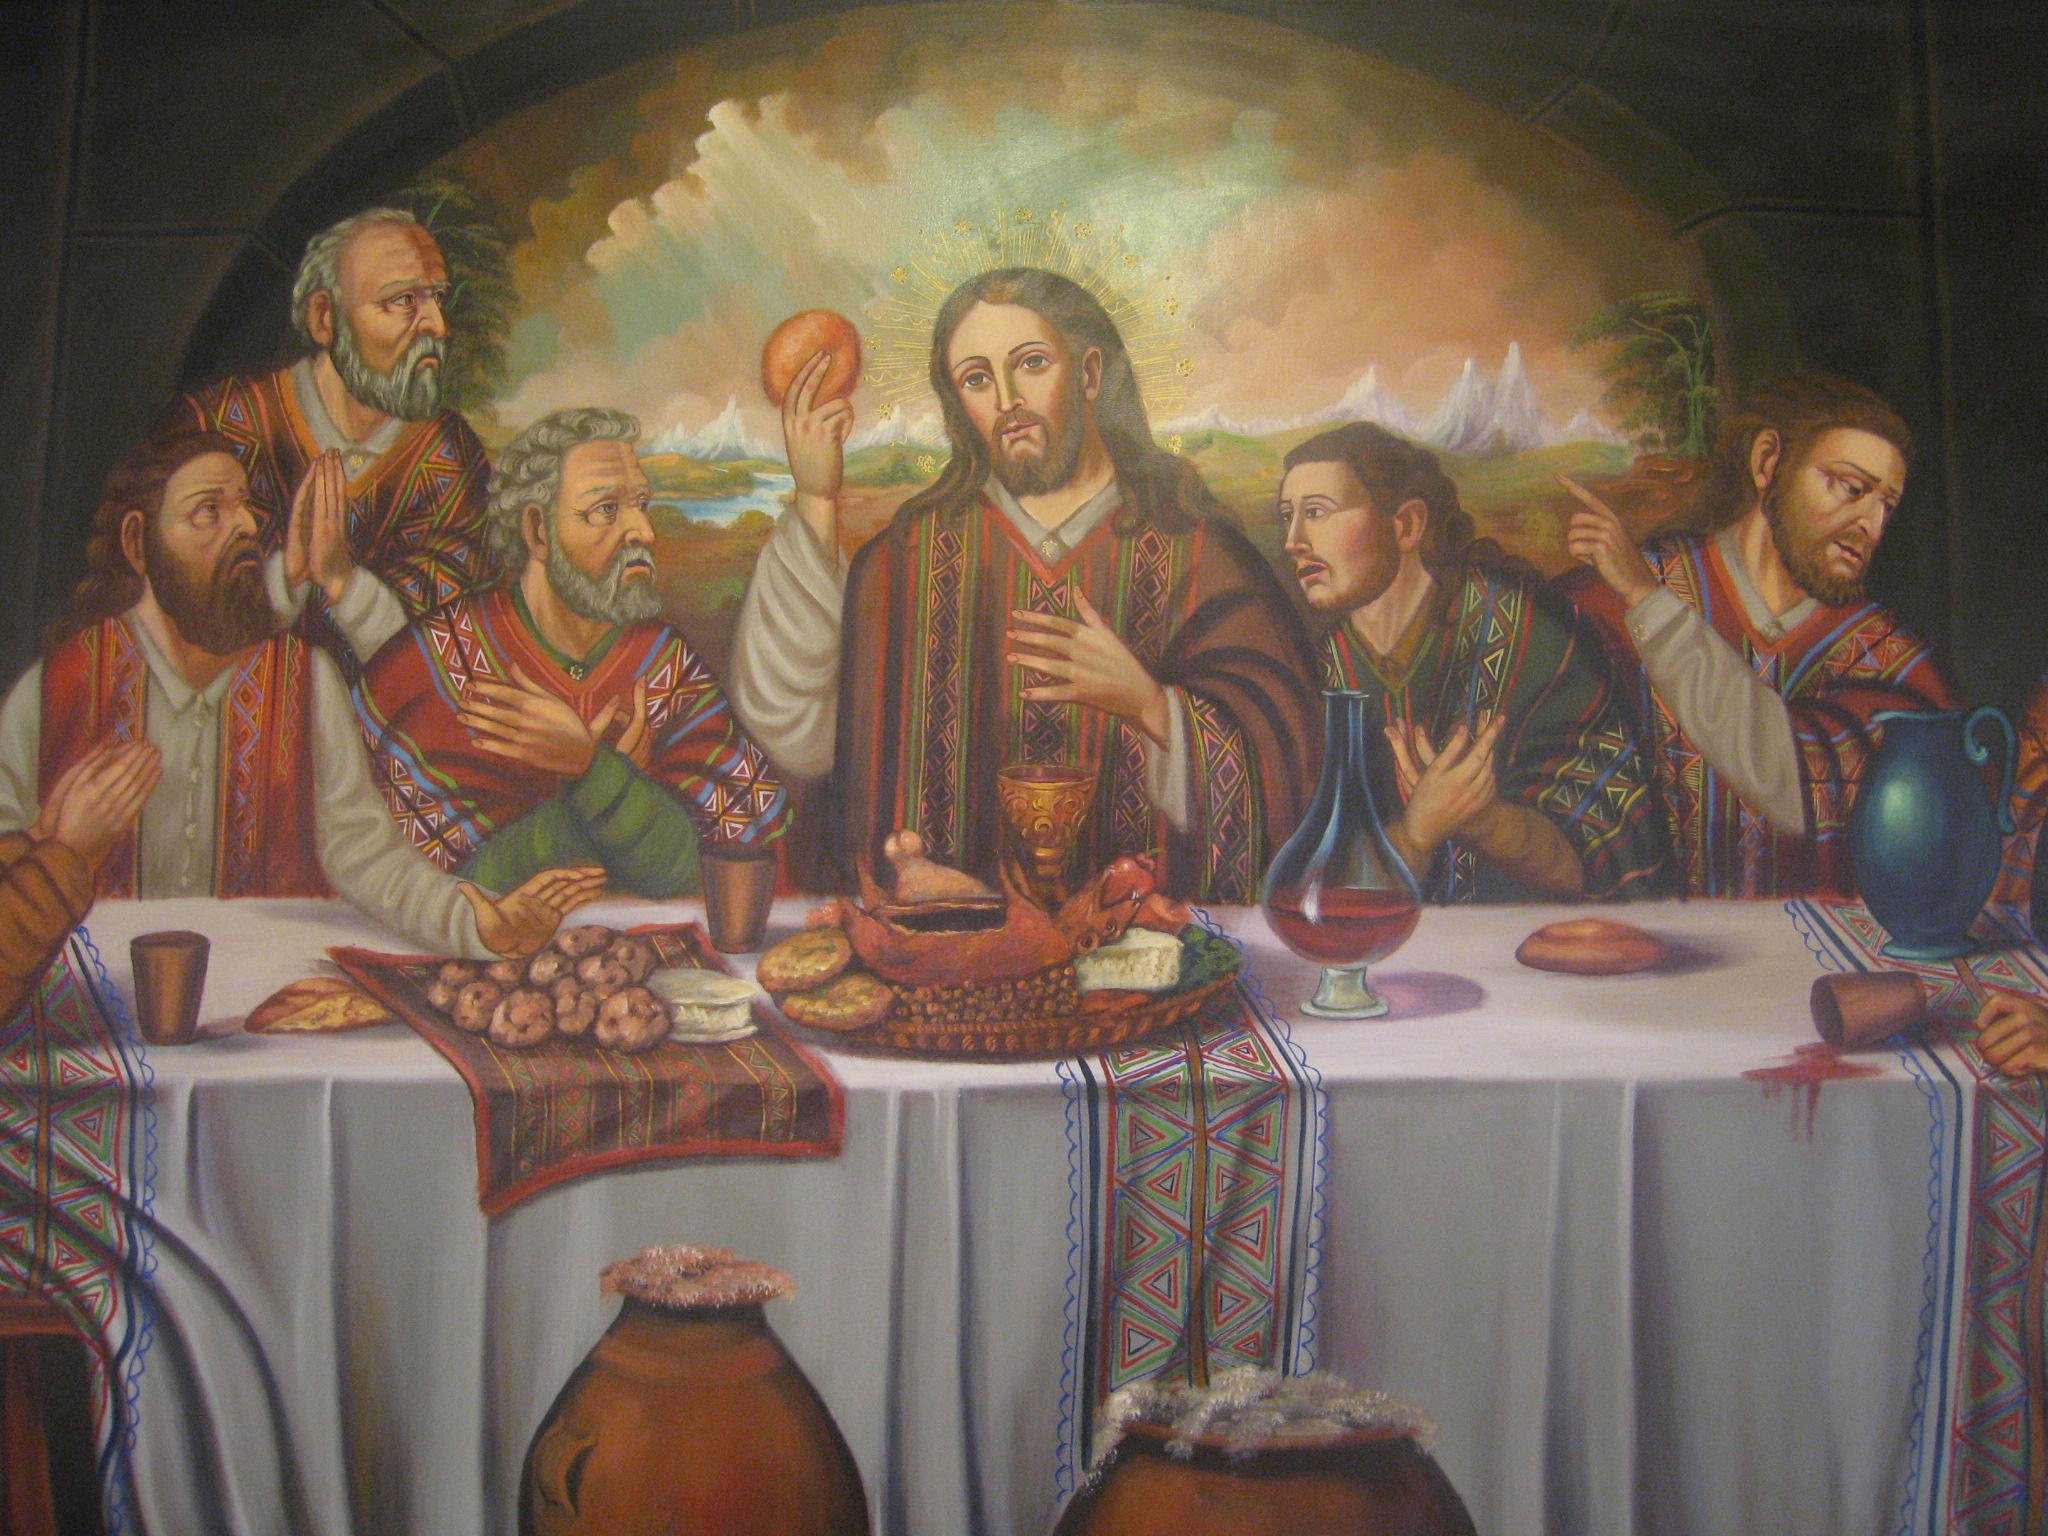 La imagen del cuy aparece en varios lienzos barrocos suramericanos de la Última Cena, atendiendo a la tradición precolombina de tener un cuy en la tulpa.